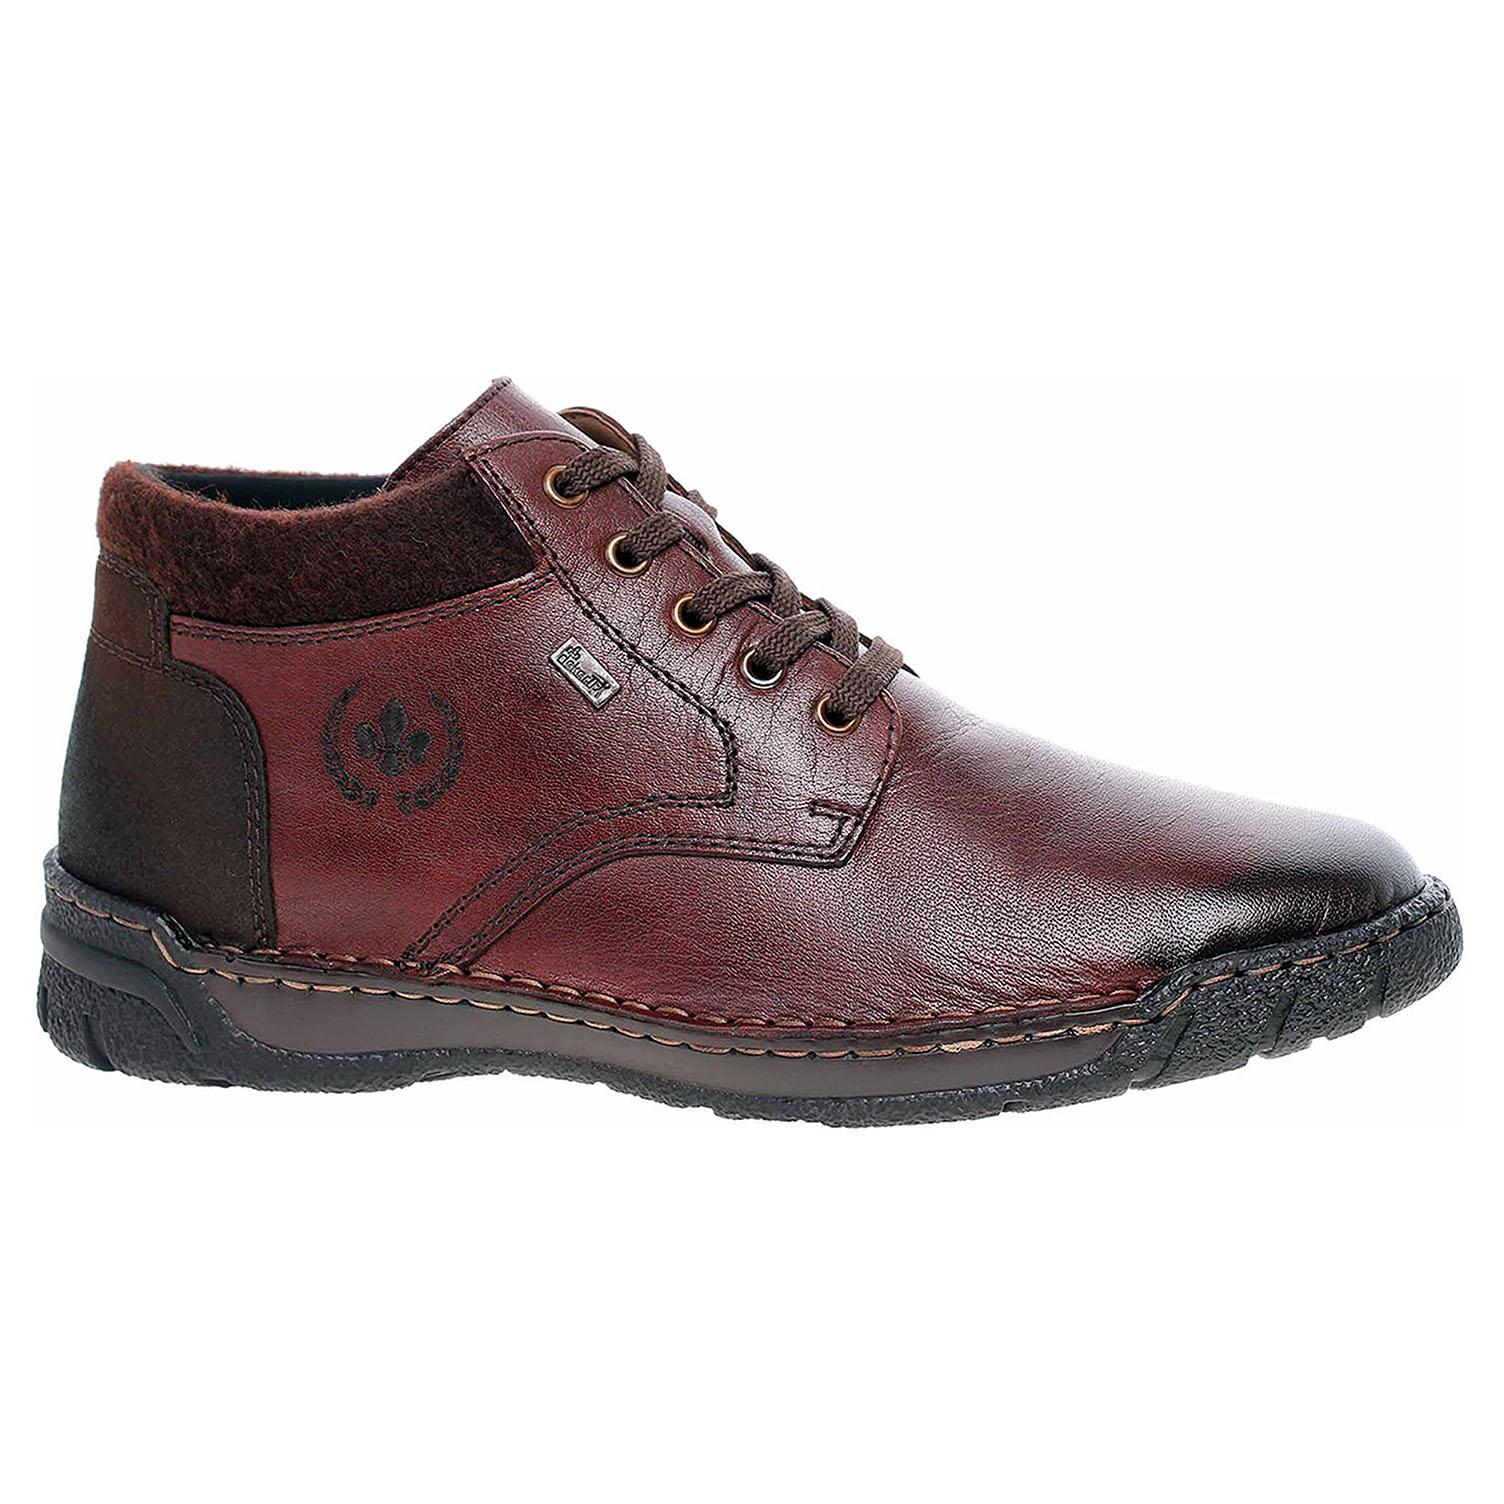 Pánská kotníková obuv Rieker B0348-25 braun B0348-25 46